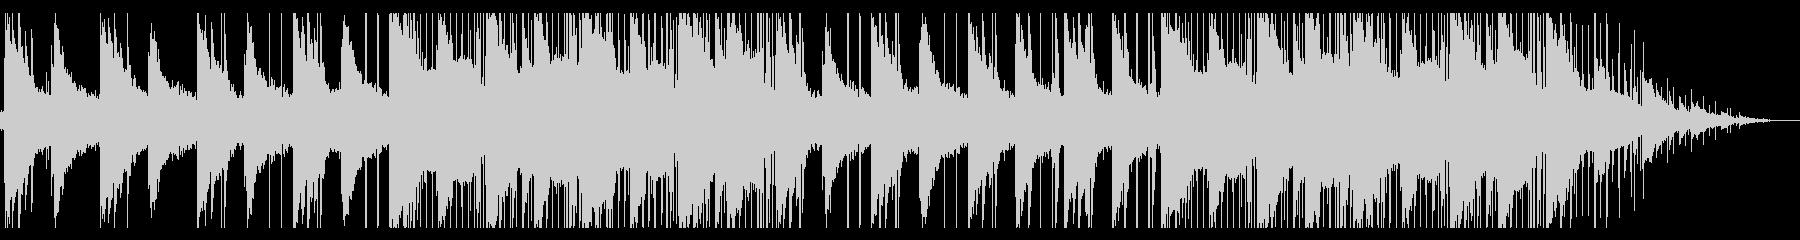 リラックス・ヒップホップ_No392の未再生の波形